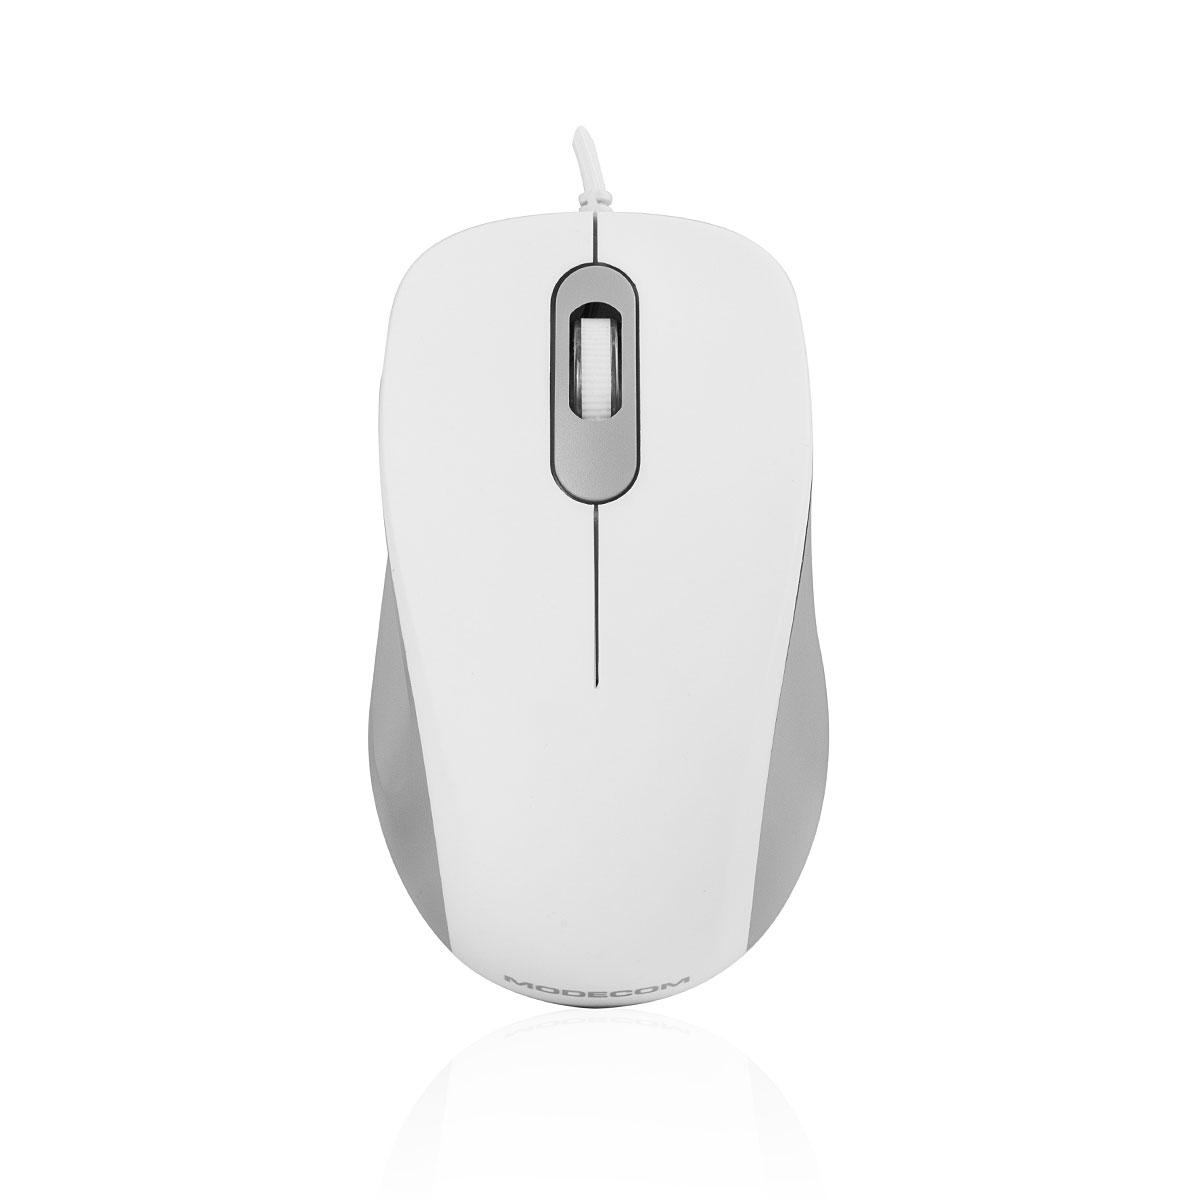 Modecom MC-M10S drátová optická myš, 3 tlačítka, 1000 DPI, USB, tichá tlačítka, bílá